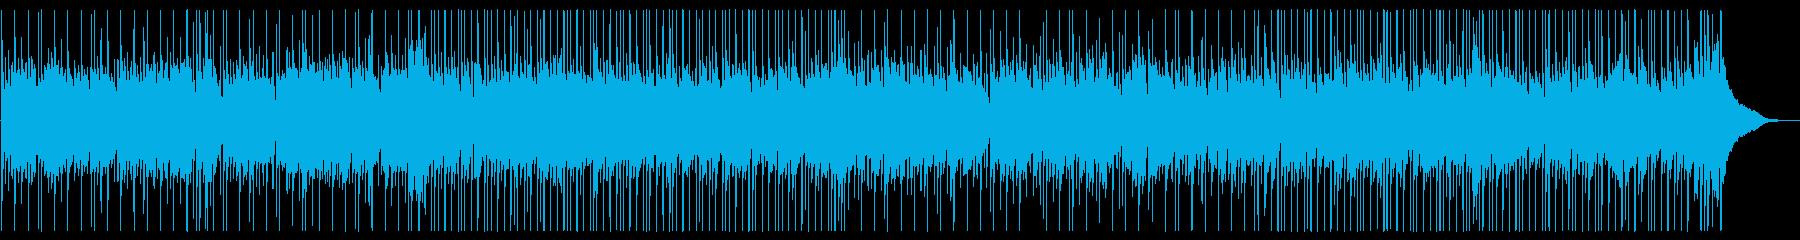 優しいマンドリンのソロ、カントリーBGMの再生済みの波形